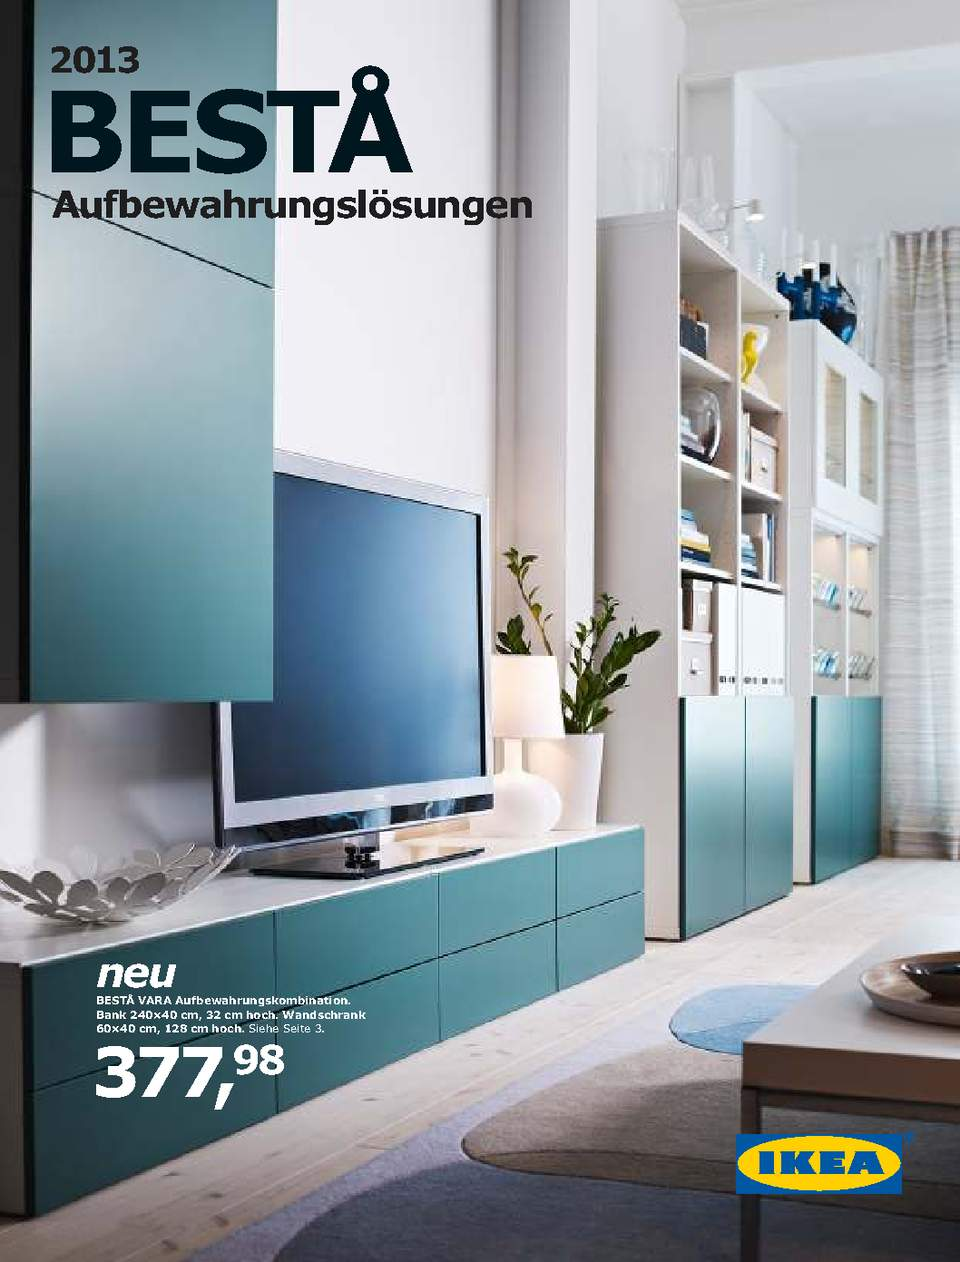 Full Size of Jugendzimmer Ikea Küche Kosten Bett Sofa Mit Schlaffunktion Betten 160x200 Kaufen Modulküche Miniküche Bei Wohnzimmer Jugendzimmer Ikea